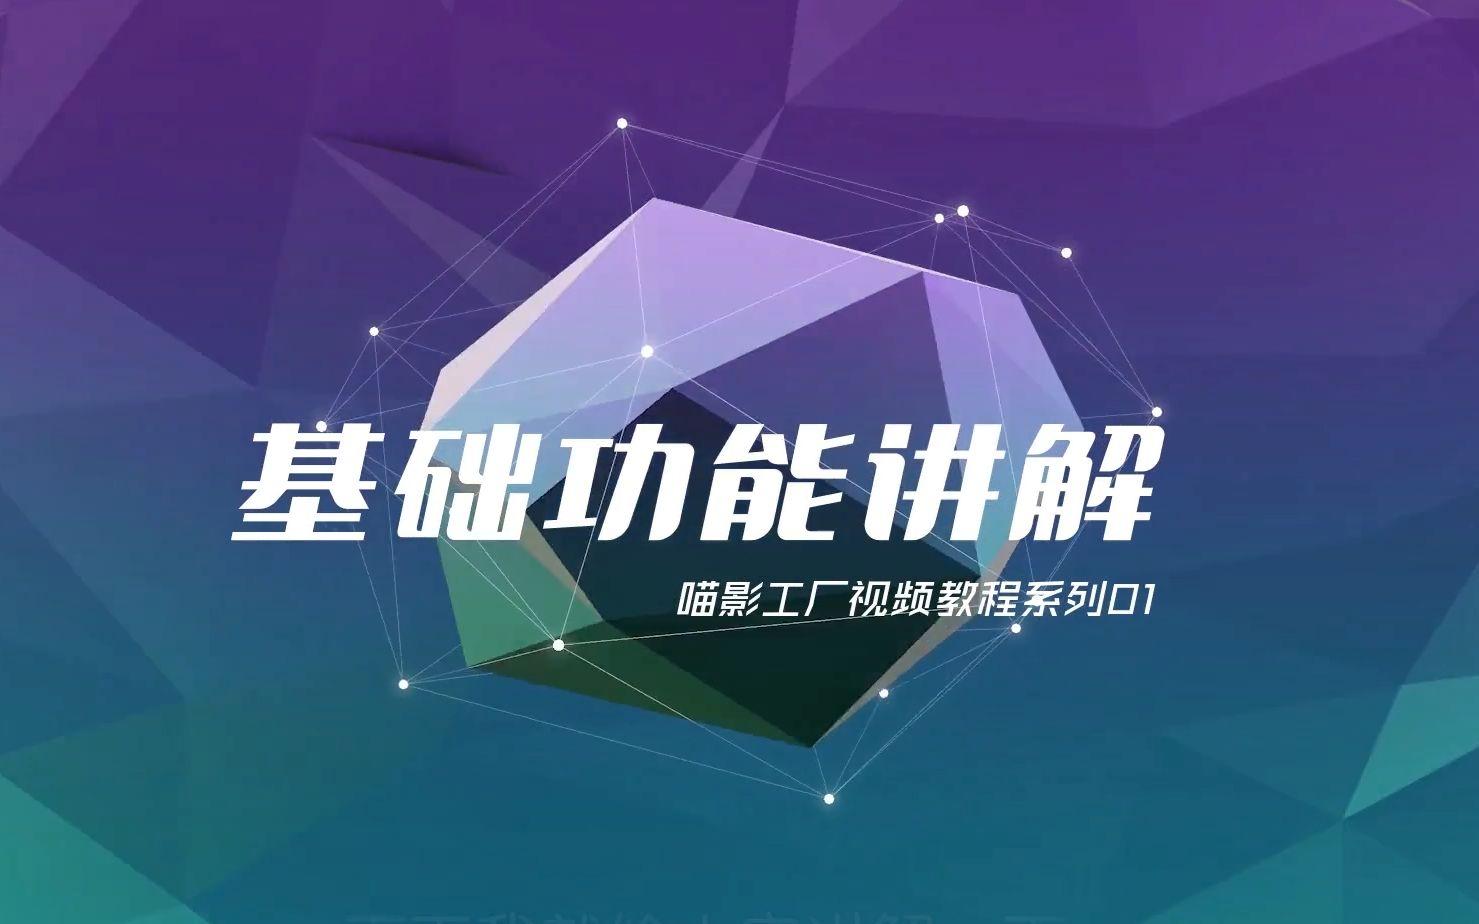 【喵影工厂视频教程系列】01:基础功能讲解_哔哩哔哩 (゜-゜)つロ 干杯~-bilibili